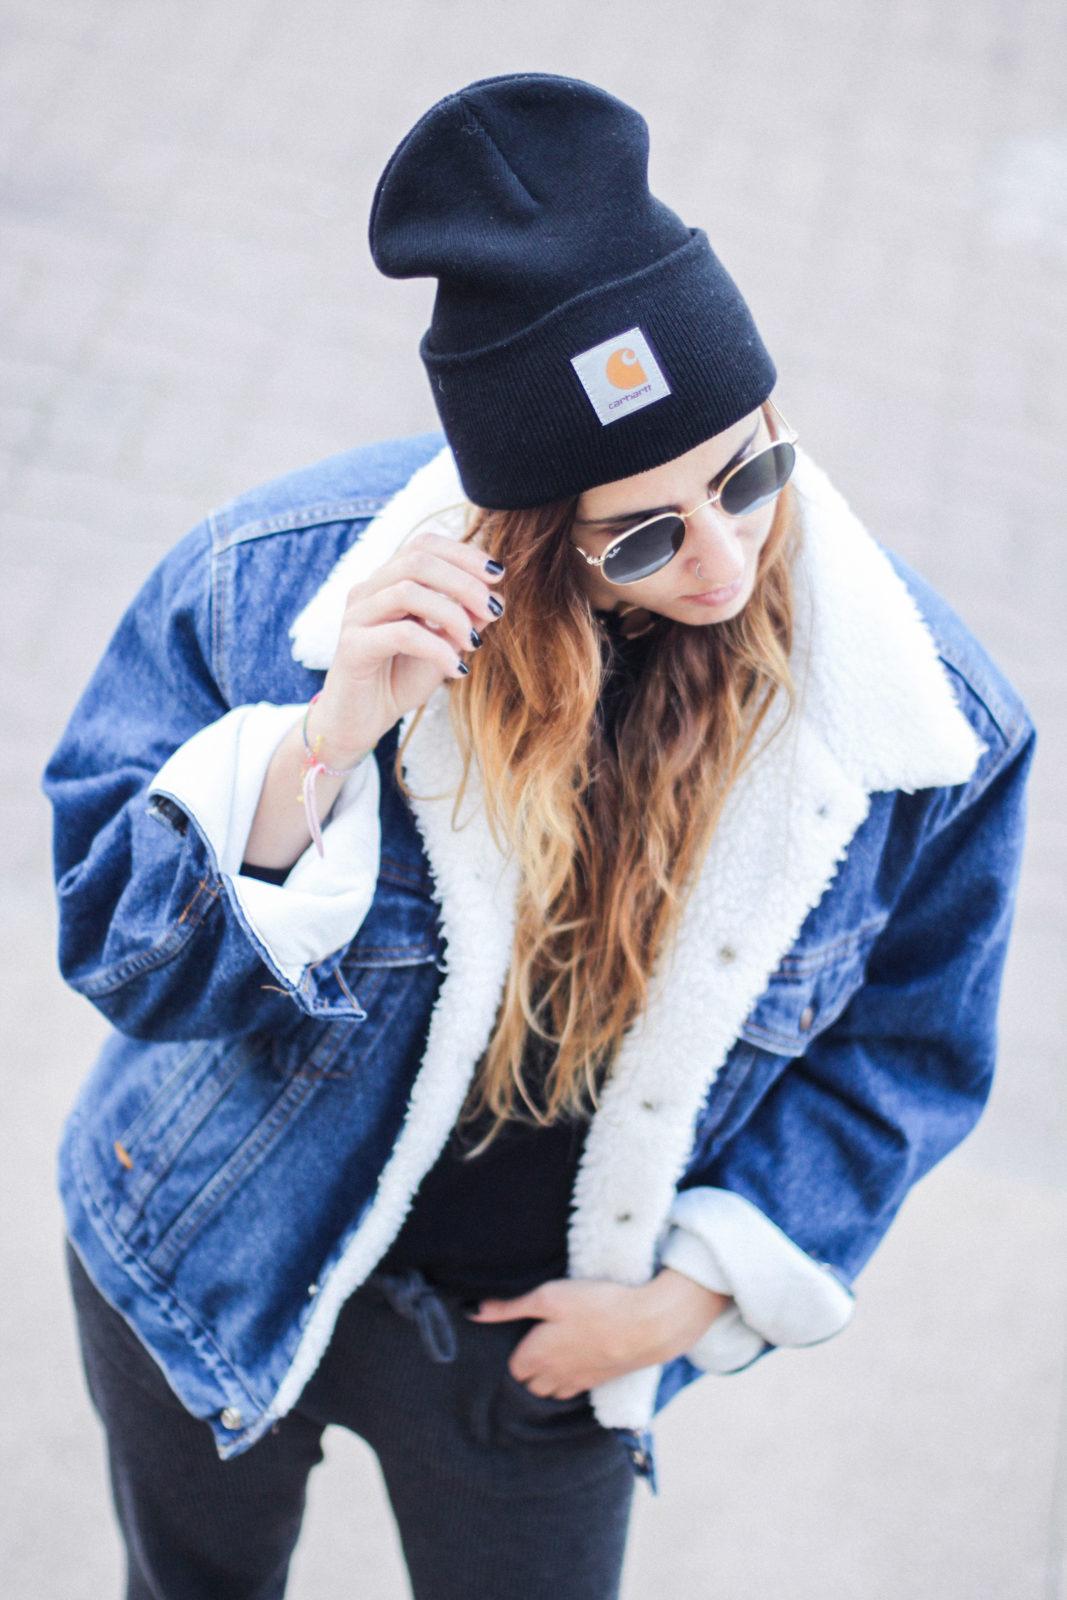 cazadora_vaquera_de_borreguillo_levis_vintage_golden_goose_gorrito_beanie_tendencias_2016_fall_trends_street_style_choker_donkeycool-32